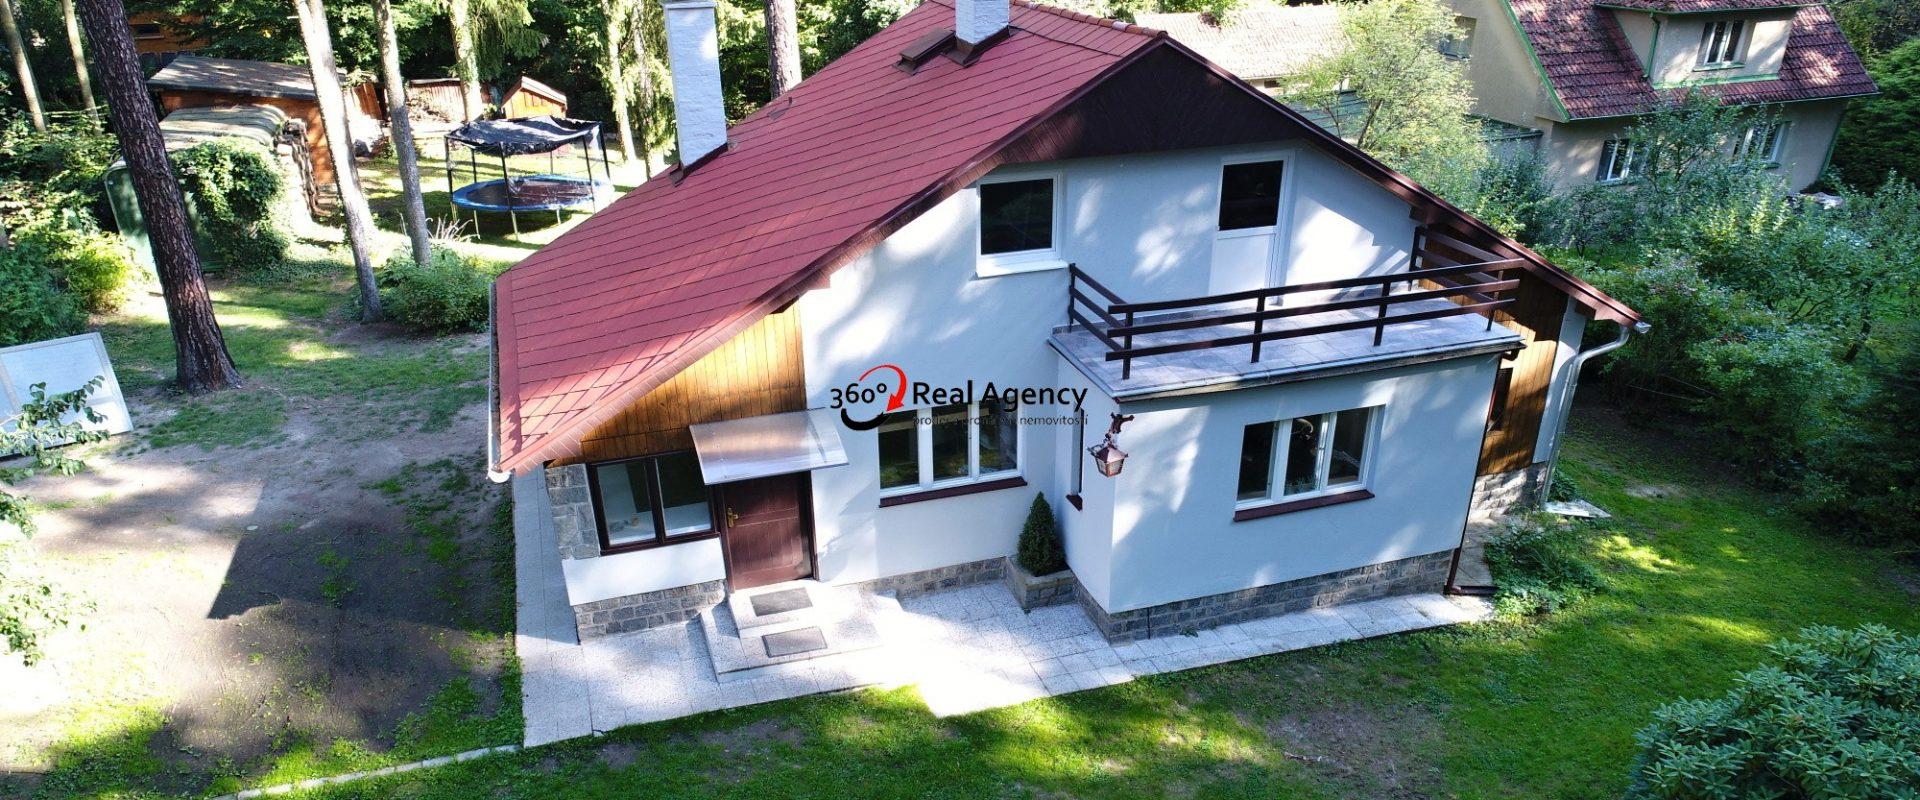 Pronájem chaty 85 m², pozemek 1 100 m² Ve Smrčinách, Jevany.